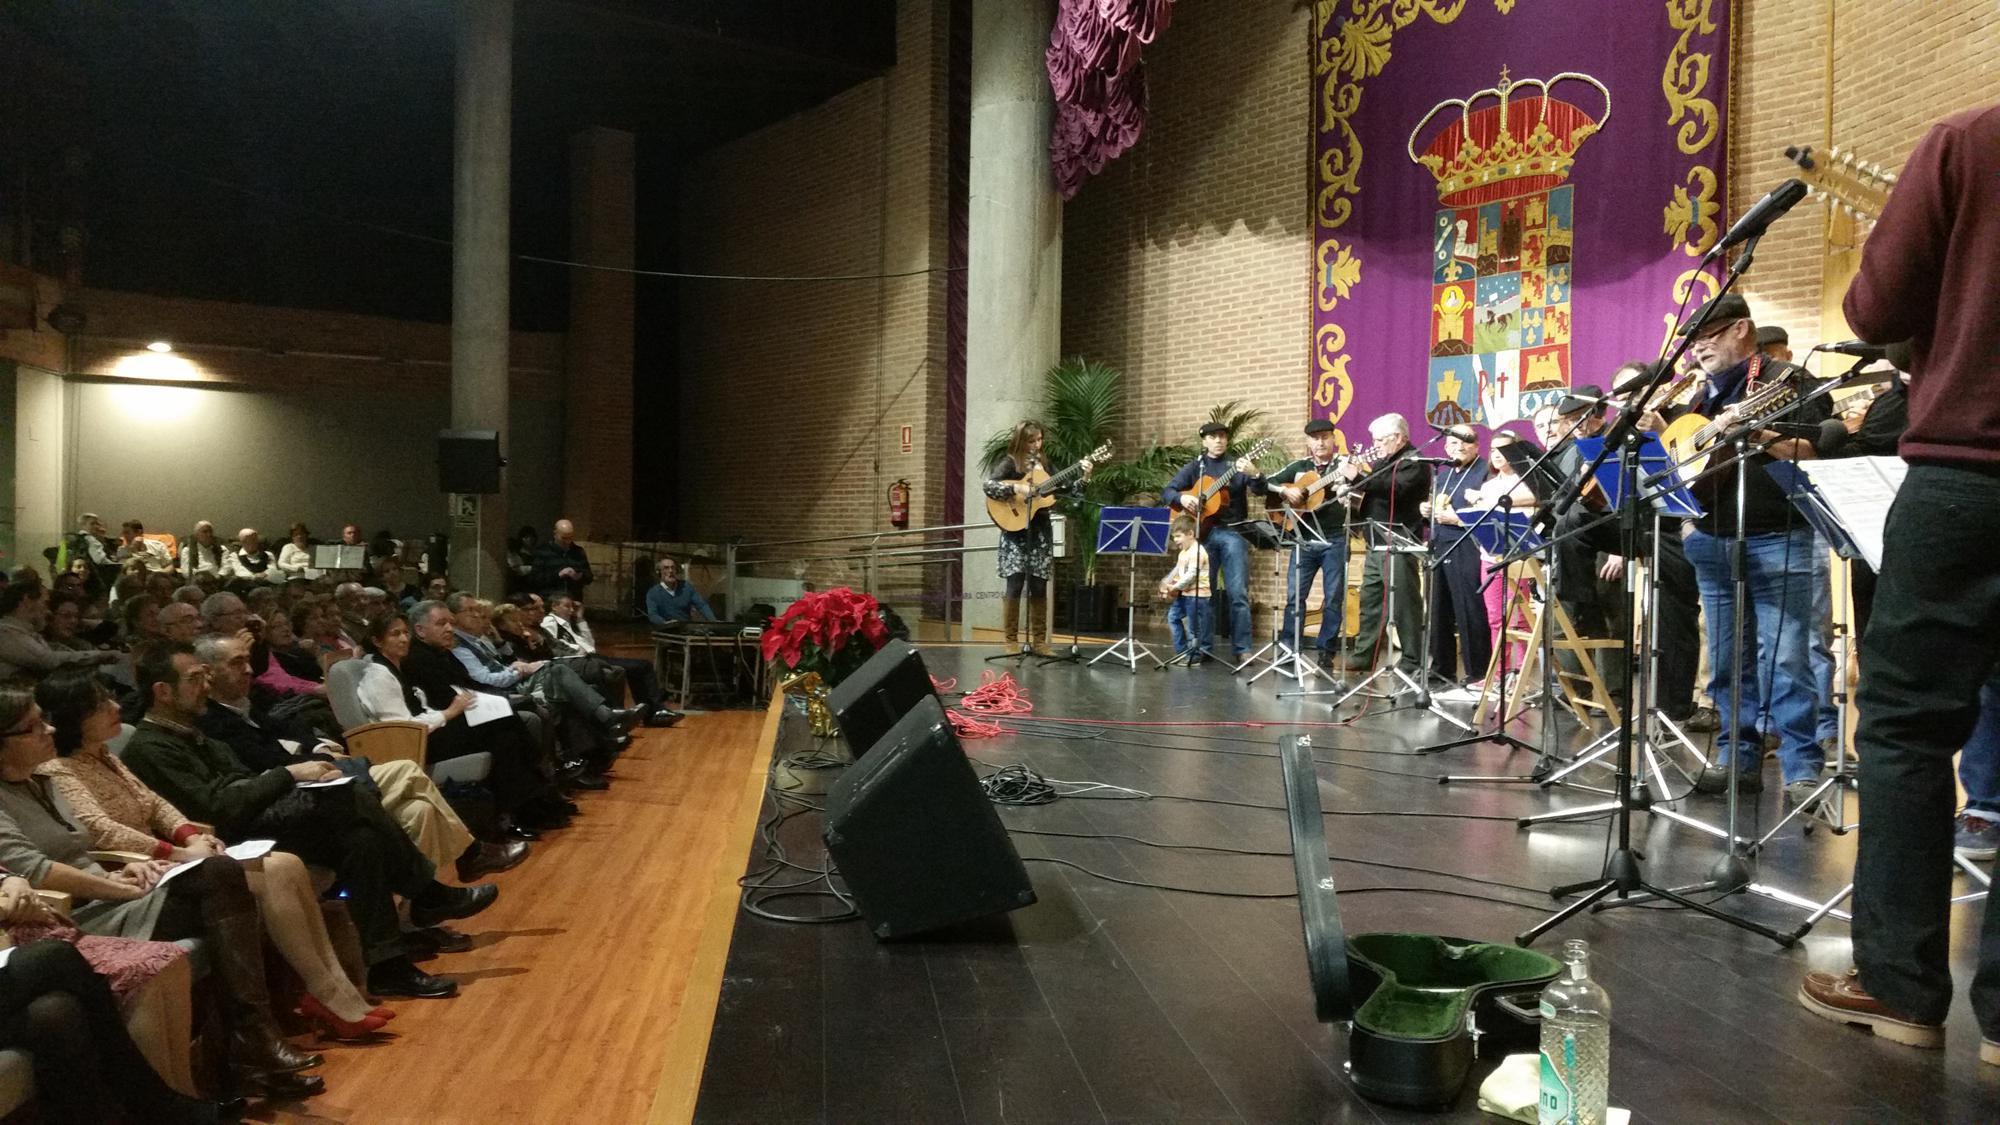 La presidenta de la Diputación anima a las rondas navideñas a seguir llevando alegría e ilusión por toda la provincia